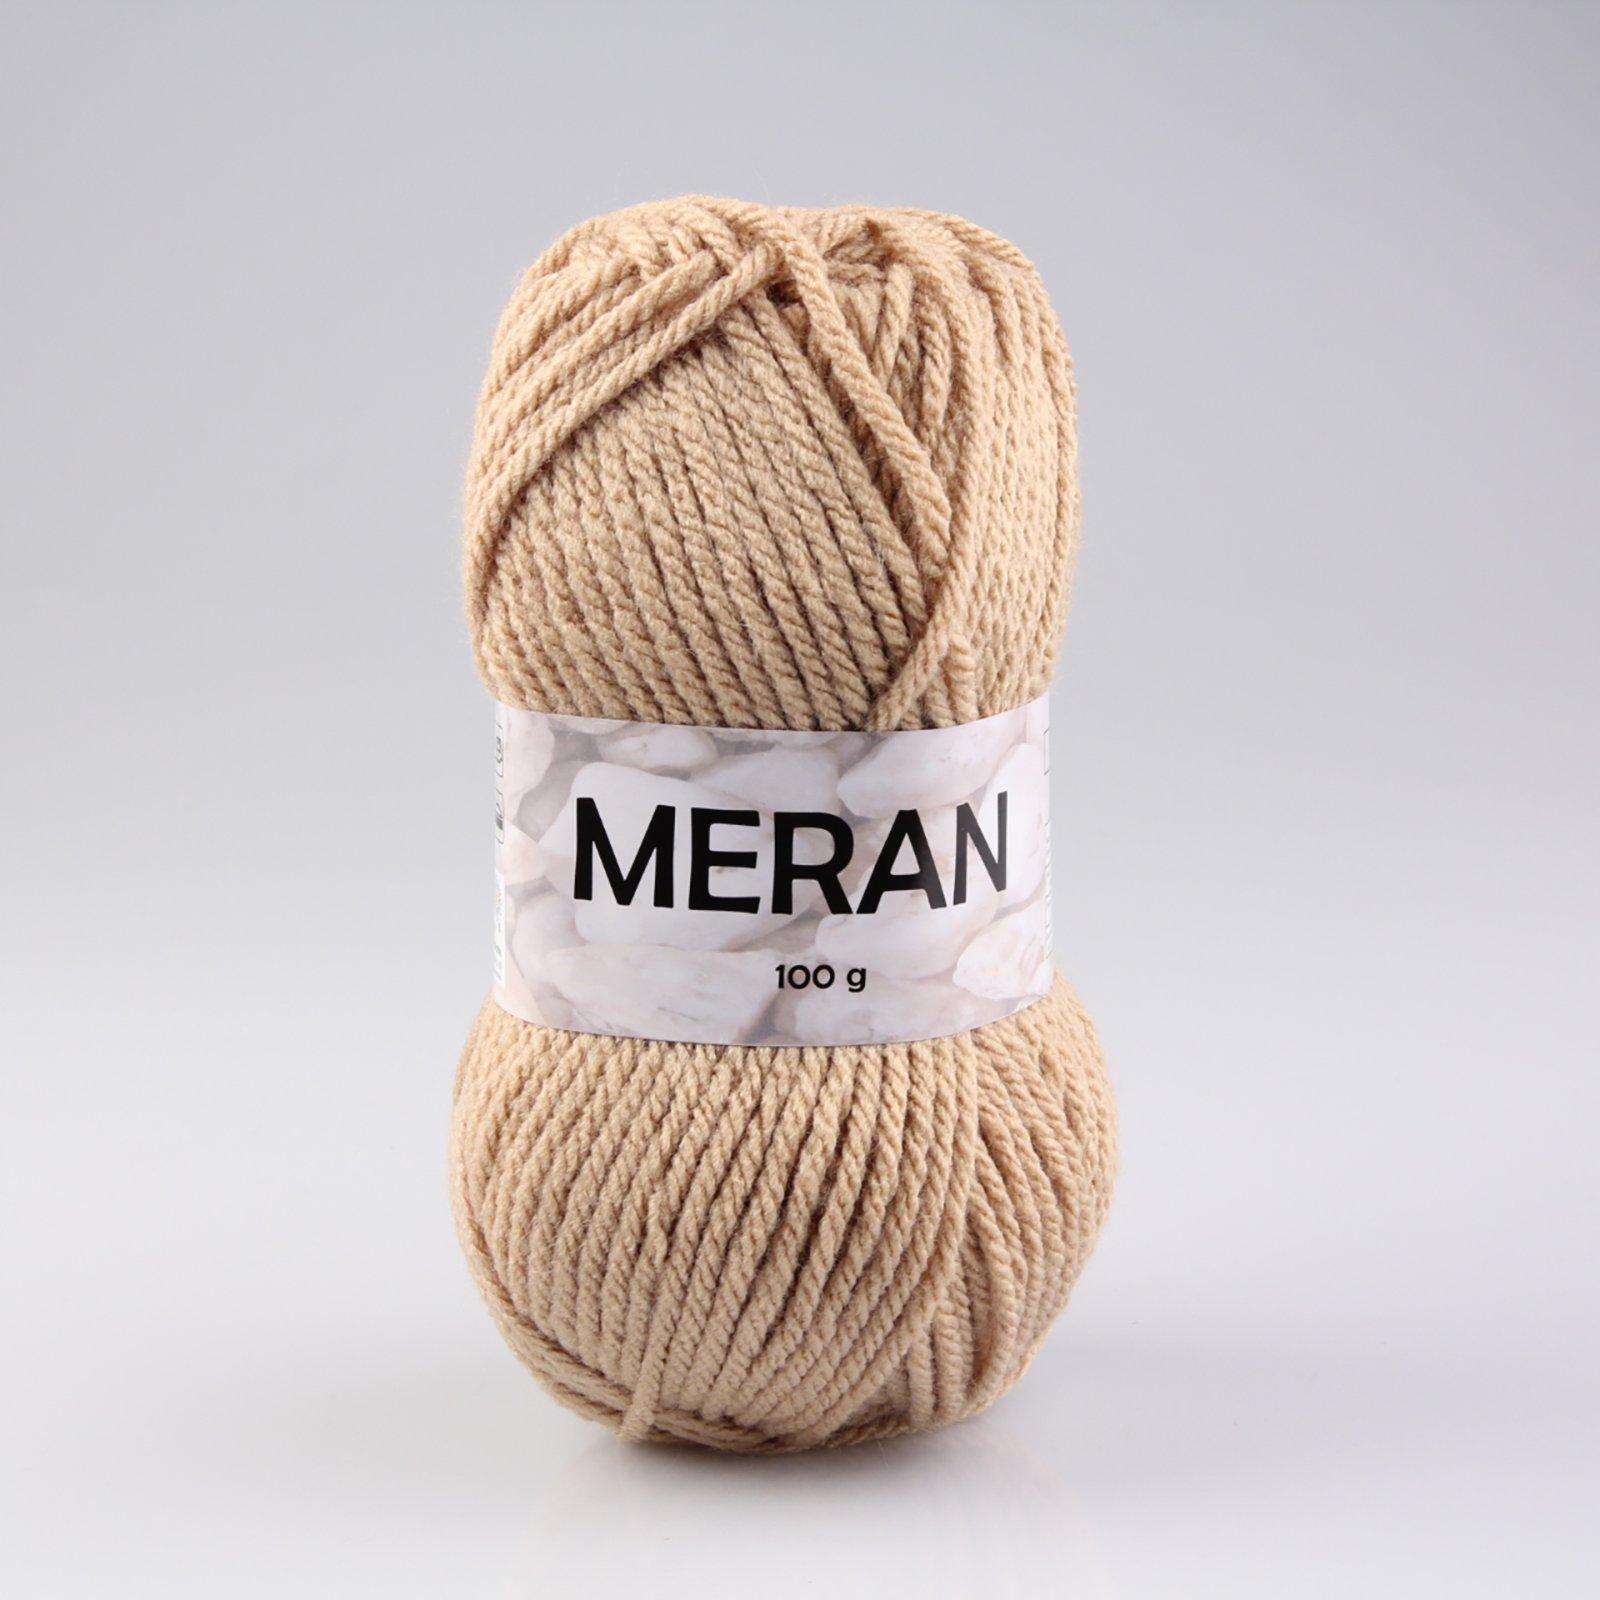 Wolle MERAN - beige - 100g